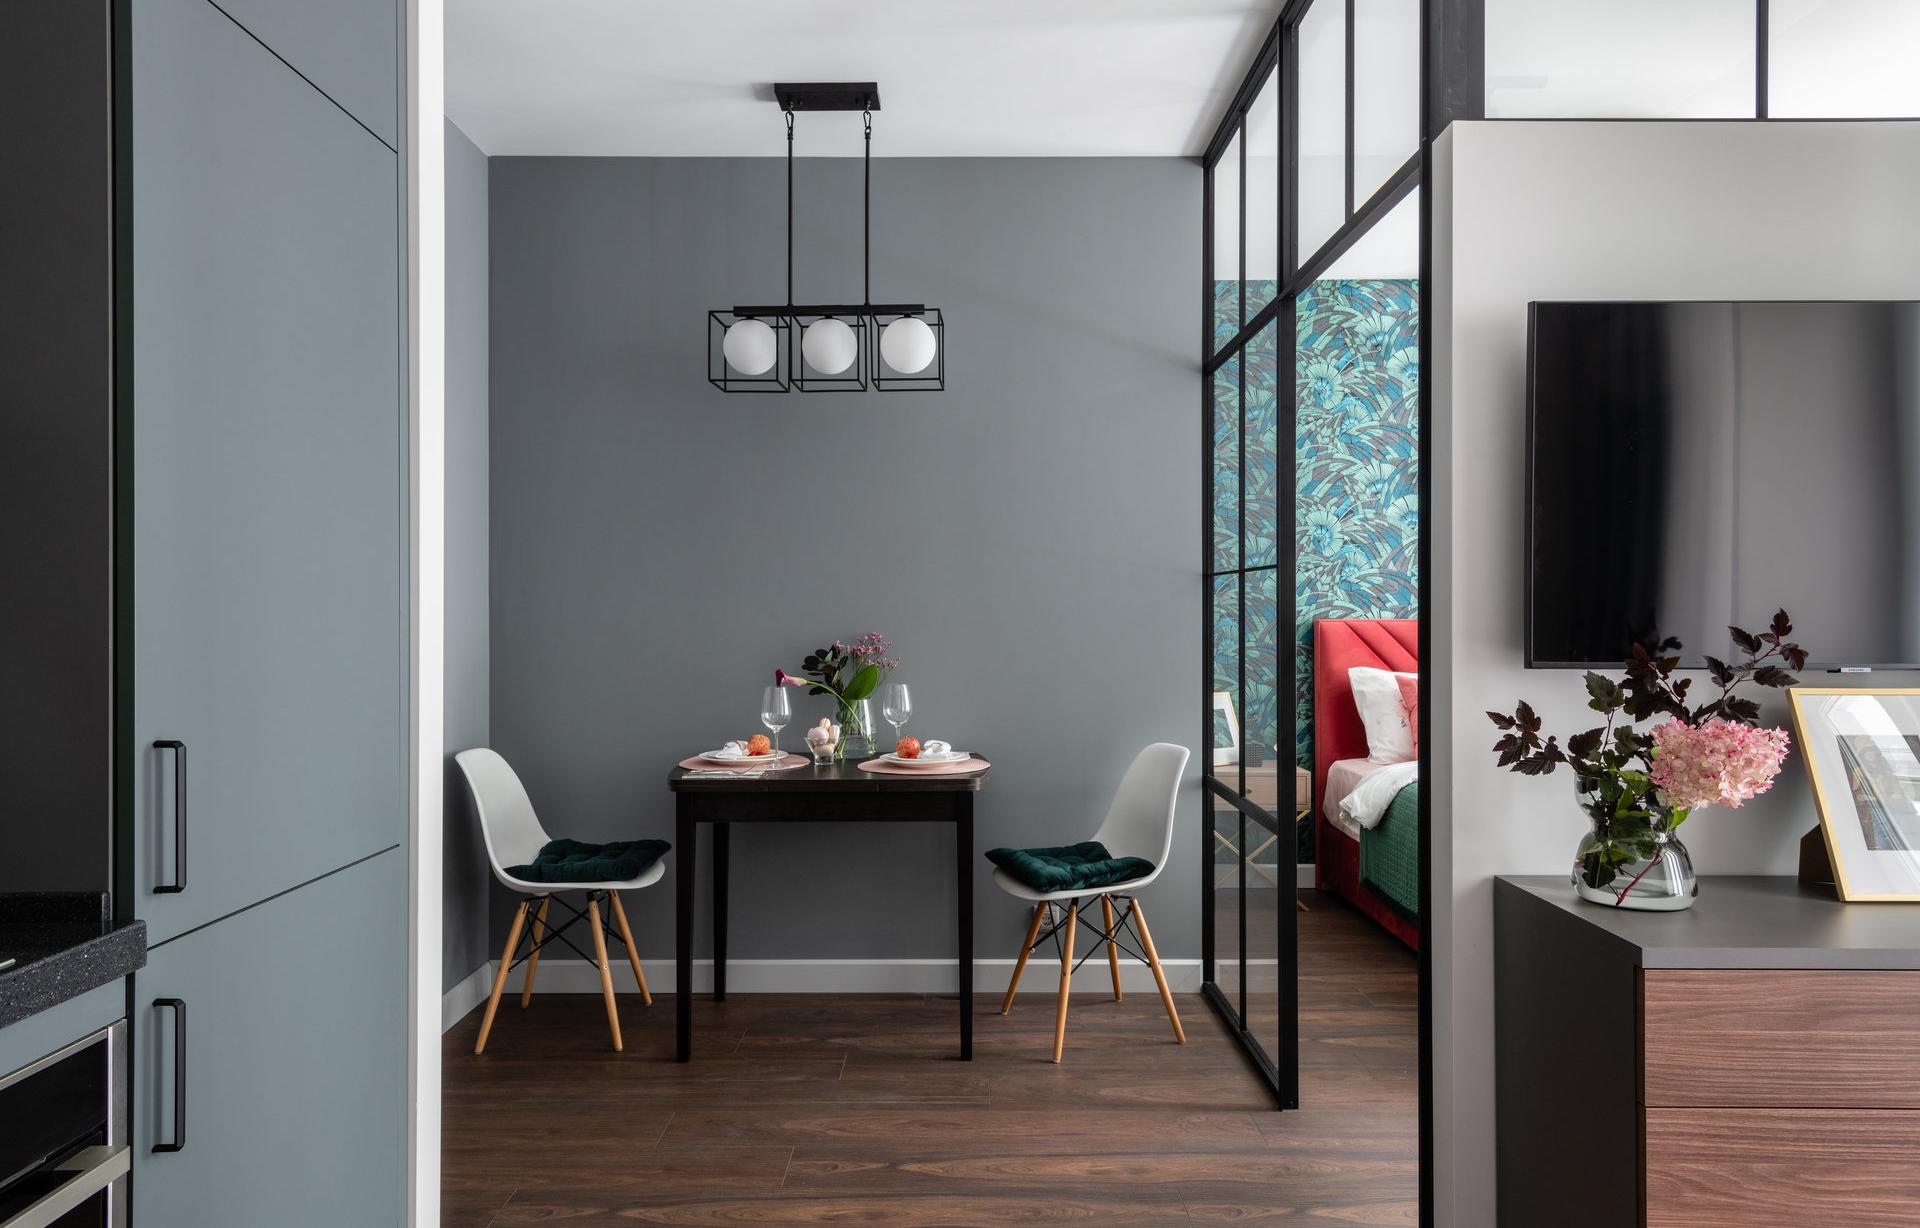 Как сделать комнату светлее, рекомендации по осветлению жилища